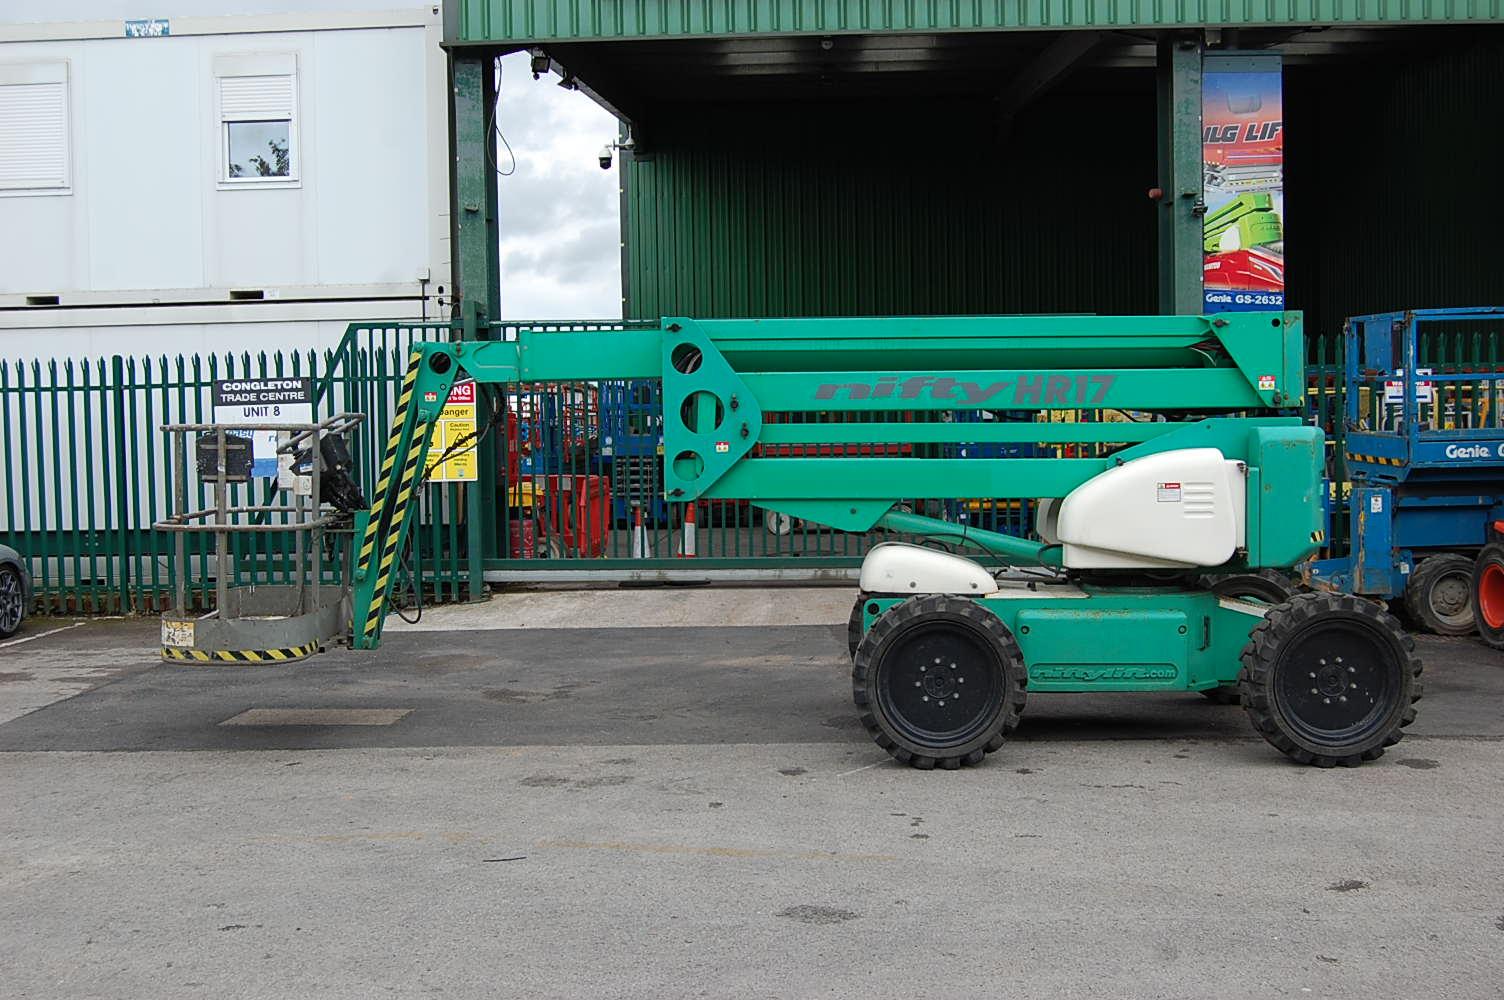 2006 Niftylift HR17 Rough Terrain Diesel Boom Lift 17m